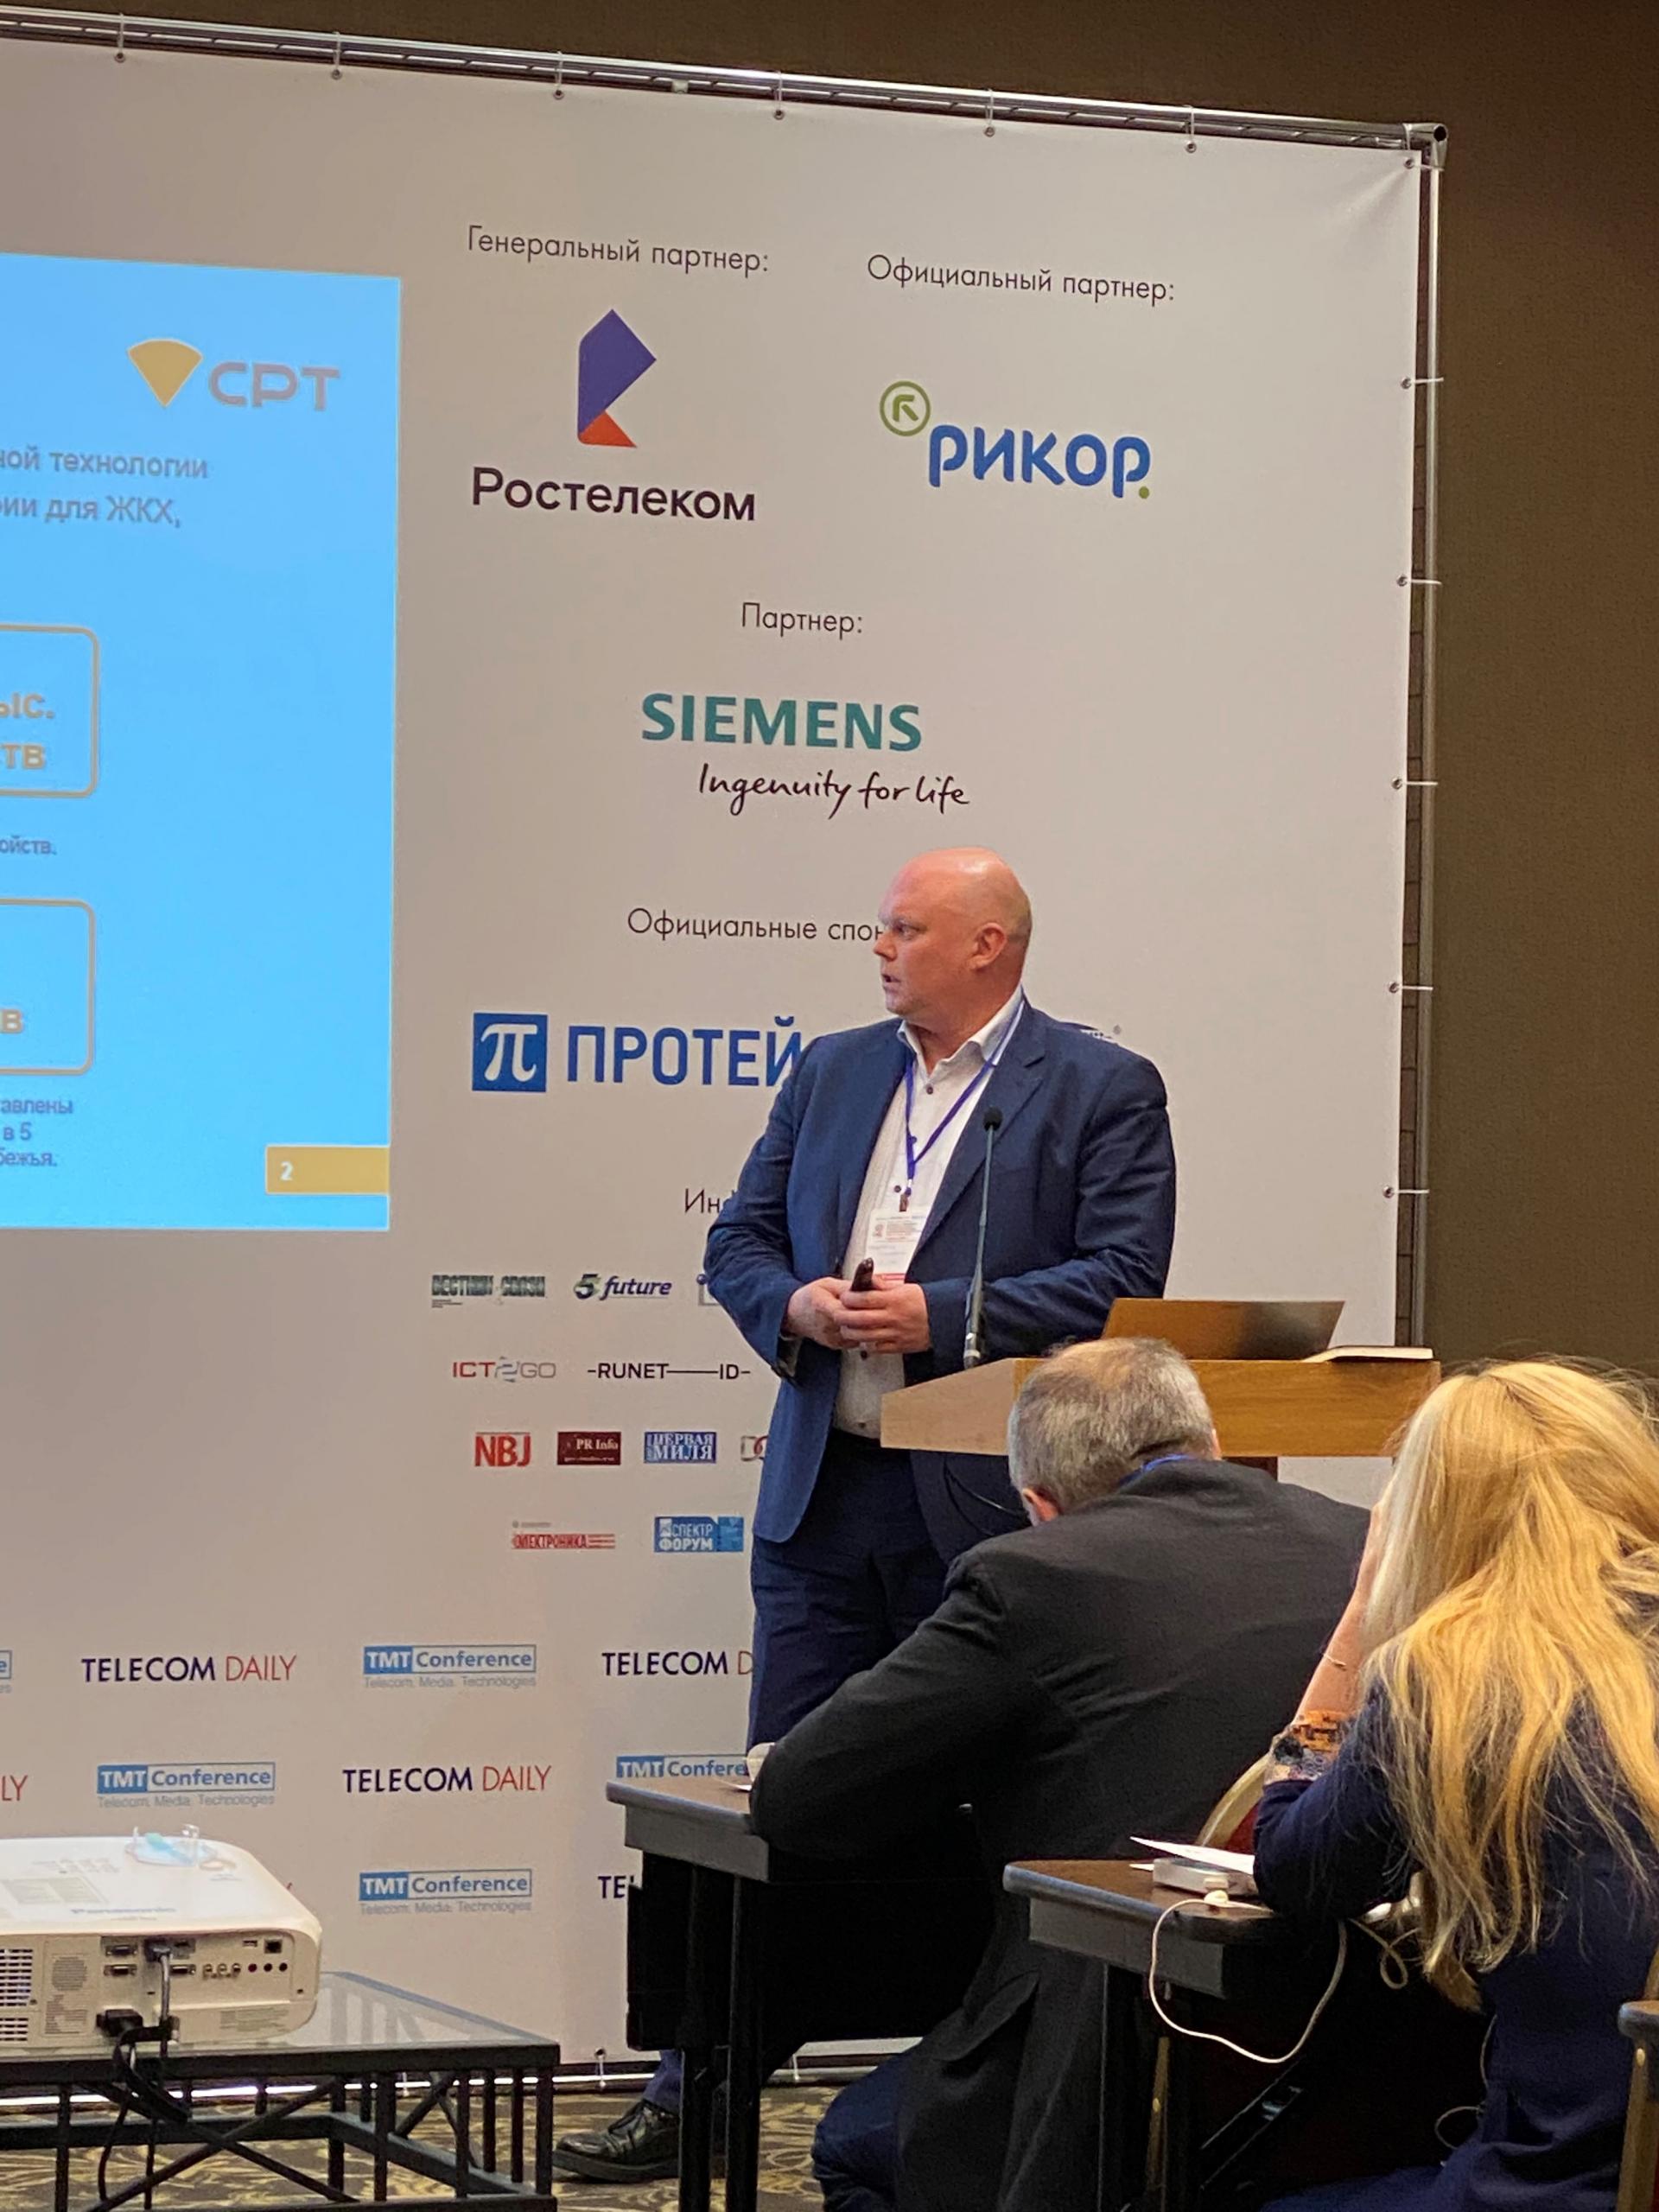 Прокофьев Константин рассказал о новых разработках компании СРТ